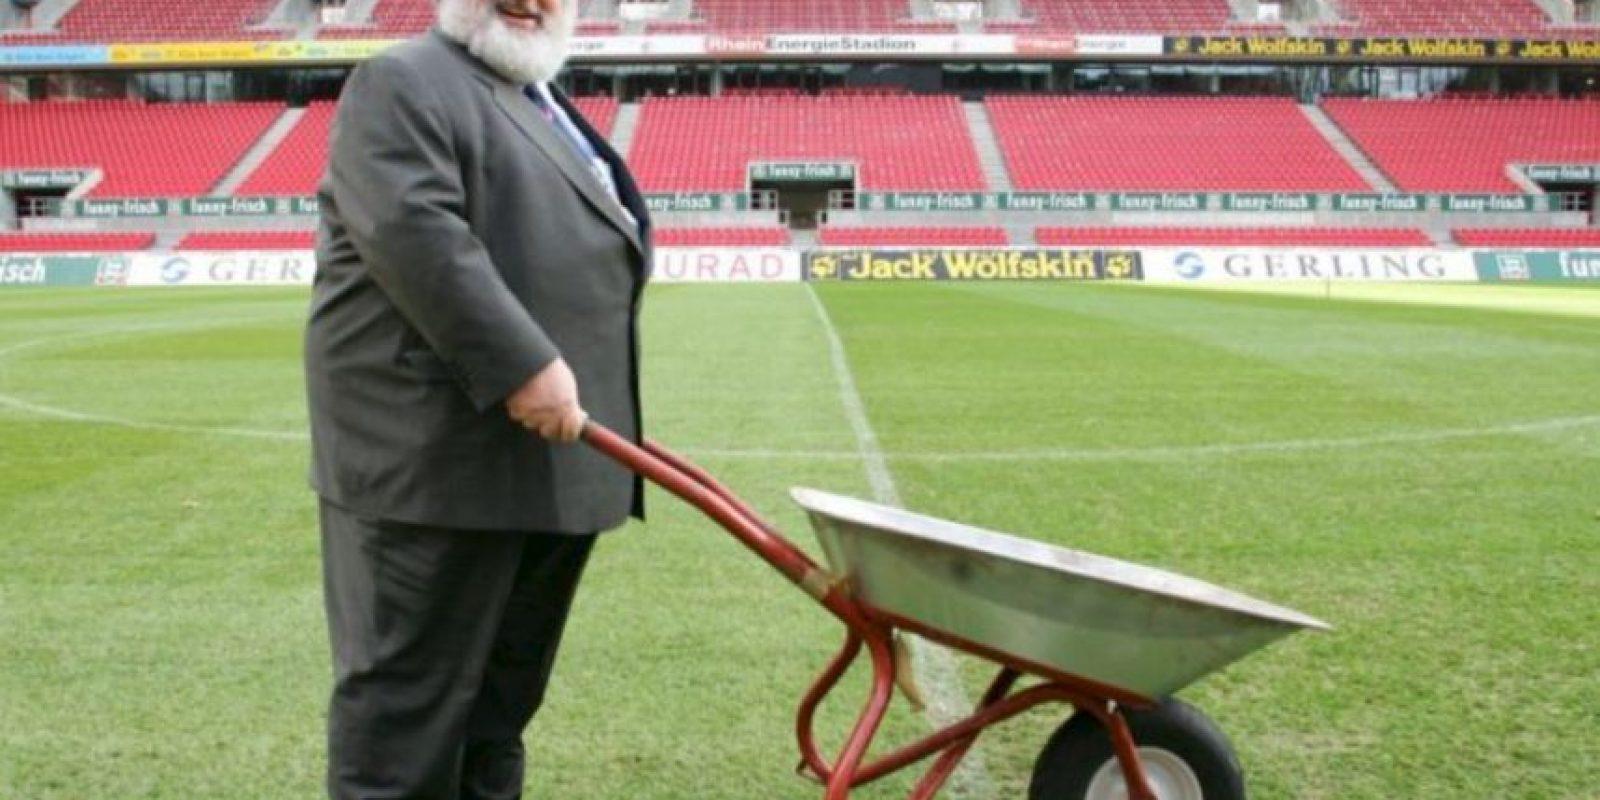 Se ventiló una declaración del exalto funcionario de la FIFA en la que acepta que las elecciones de los Mundiales de Francia 1998 y Sudáfrica 2010 se ensuciaron Foto:Getty Images